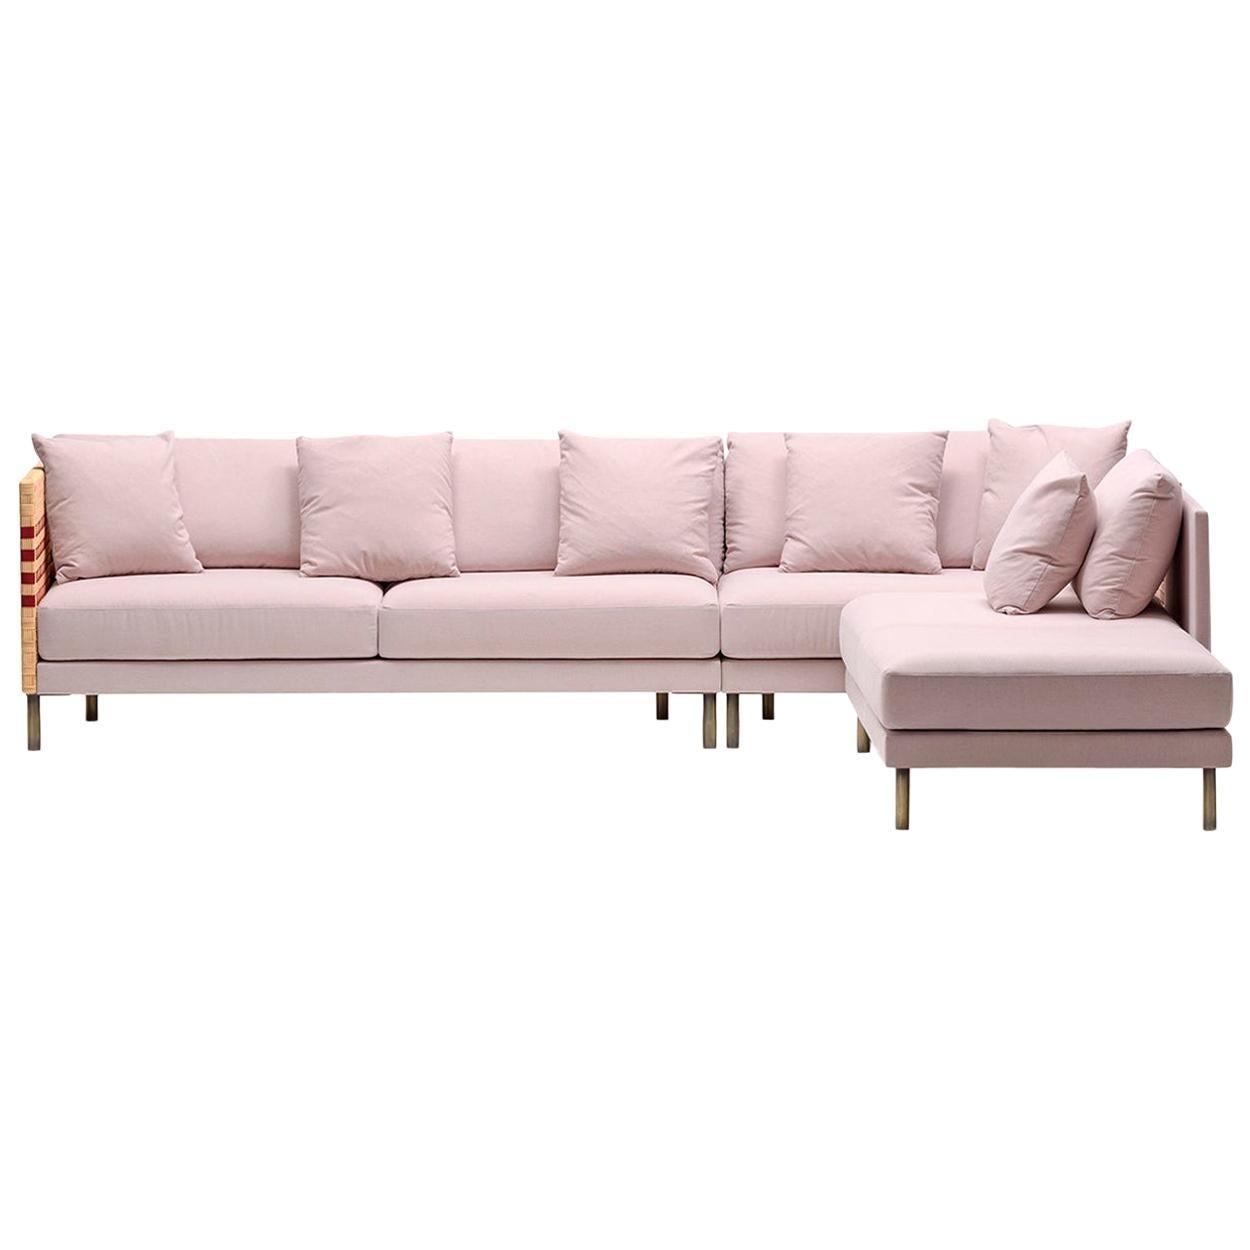 Bottega Intreccio Milli Sofà Composition Woven Wicker 21st Century Sofa